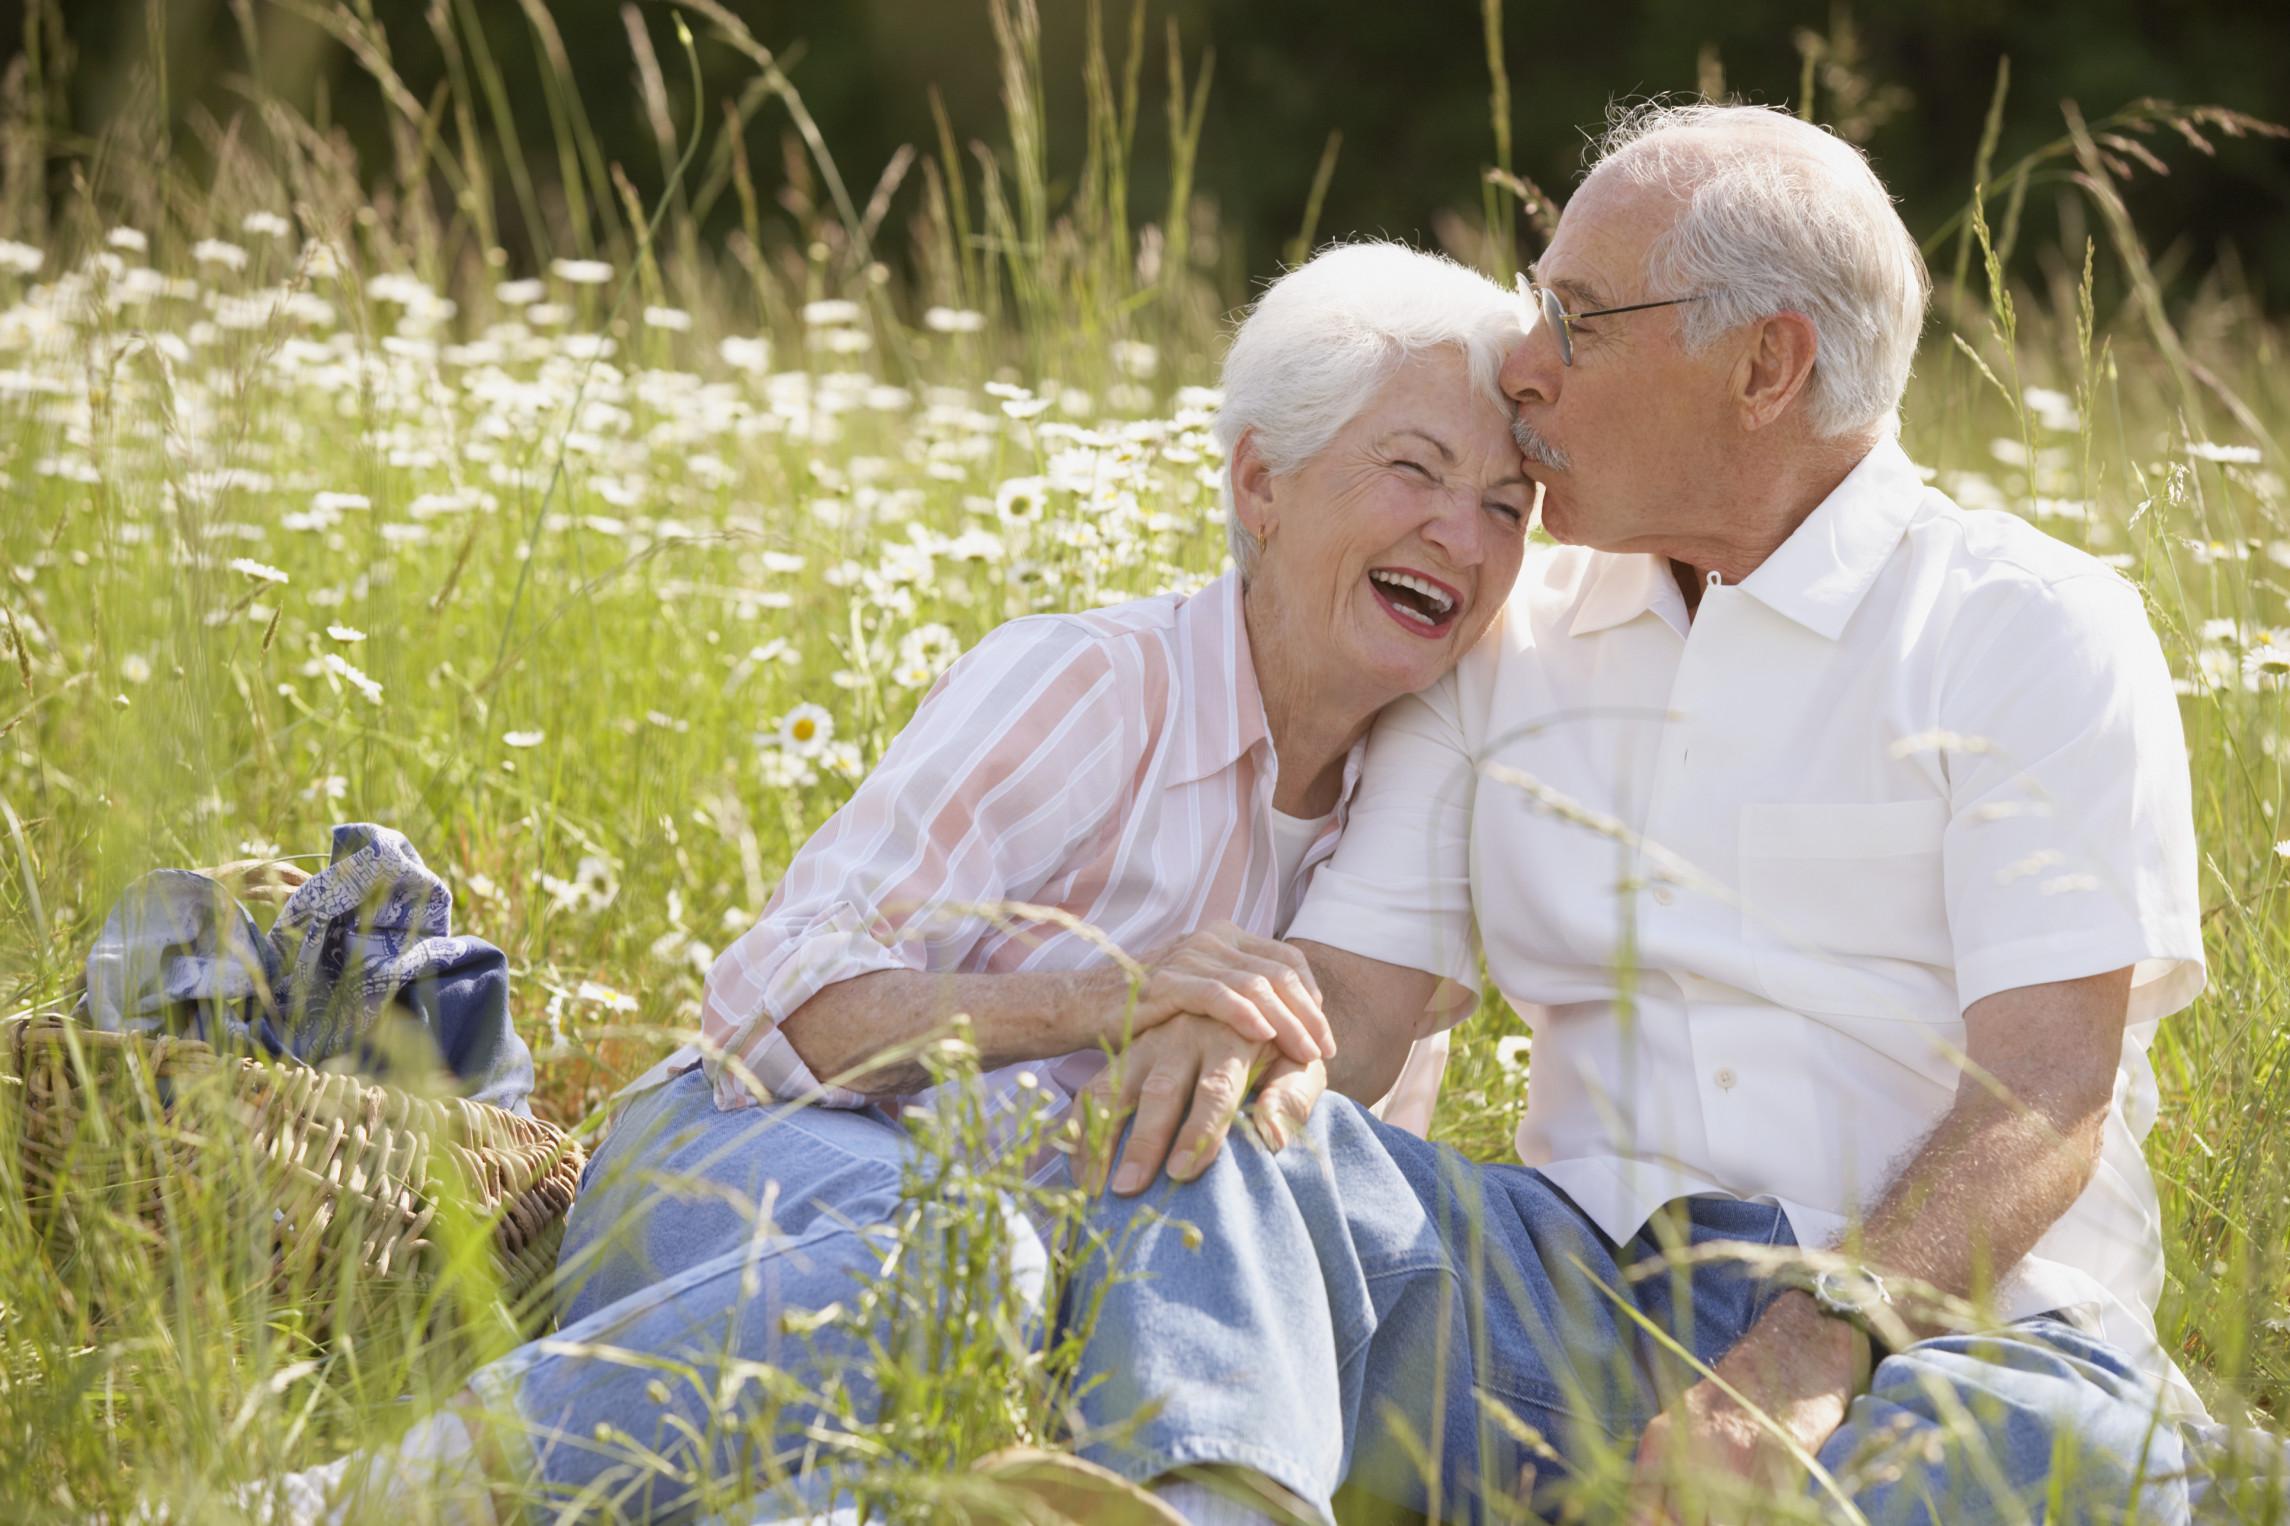 Накануне месяца пожилого человека: медицина для людей старшего возраста в Израиле